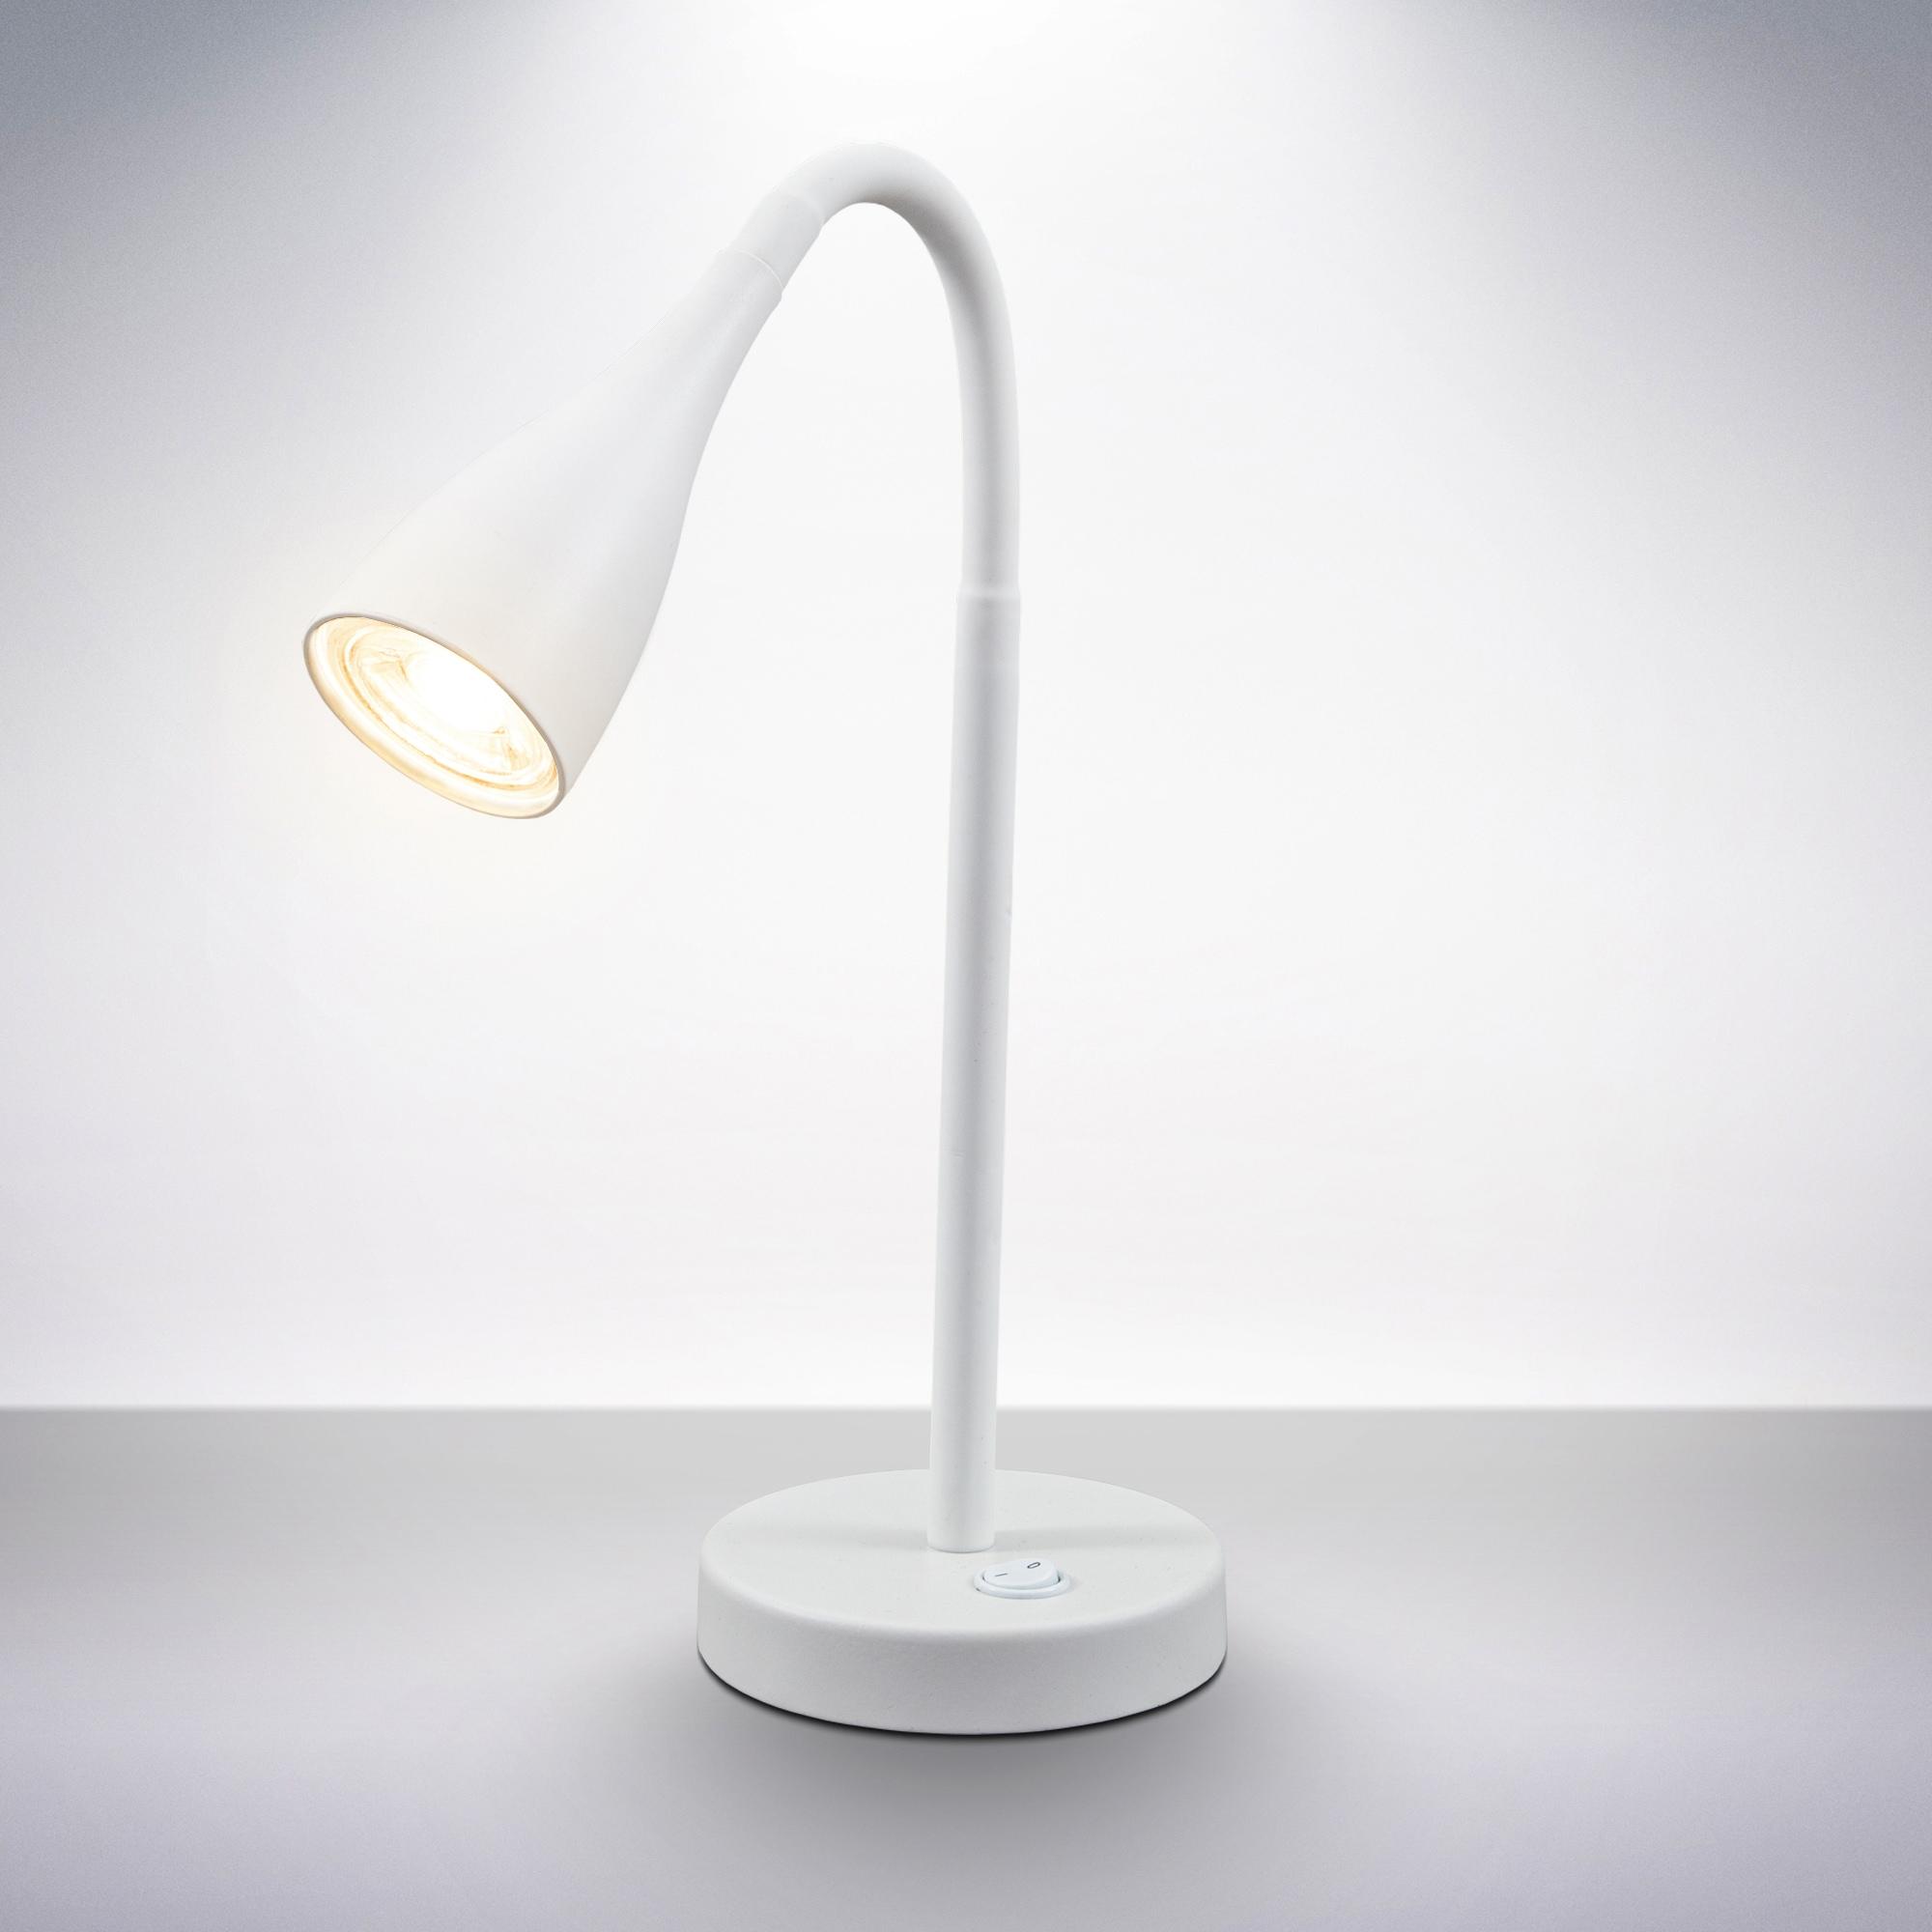 B.K.Licht LED Tischleuchte, GU10, Warmweiß, LED Schreibtischlampe flexibel verstellbar Kippschalter 5W 400 Lumen GU10 3.000K weiß